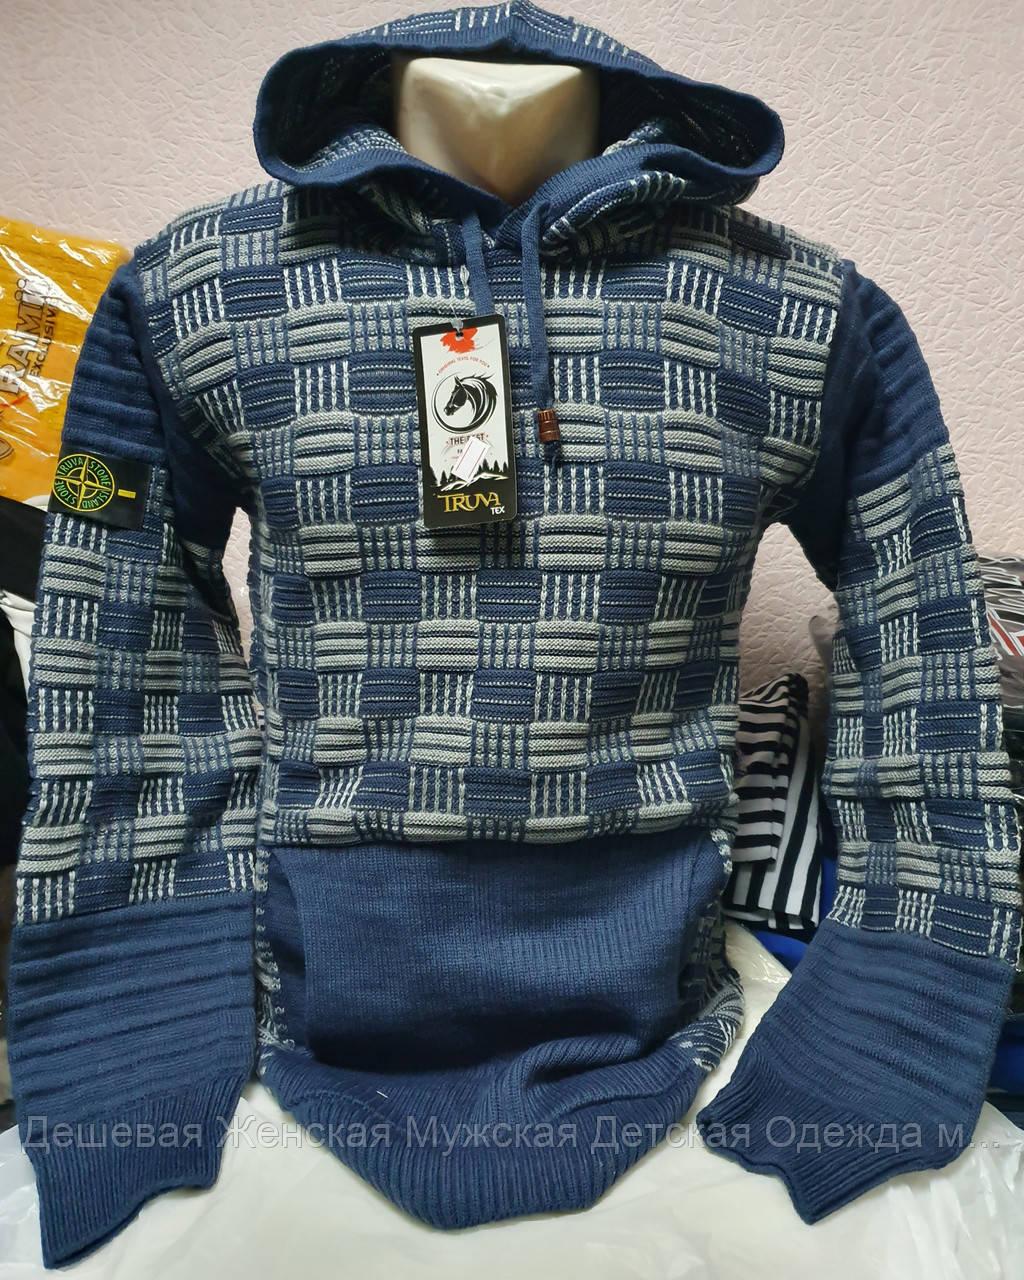 Чоловічий светр молодіжний к-сть обмежена